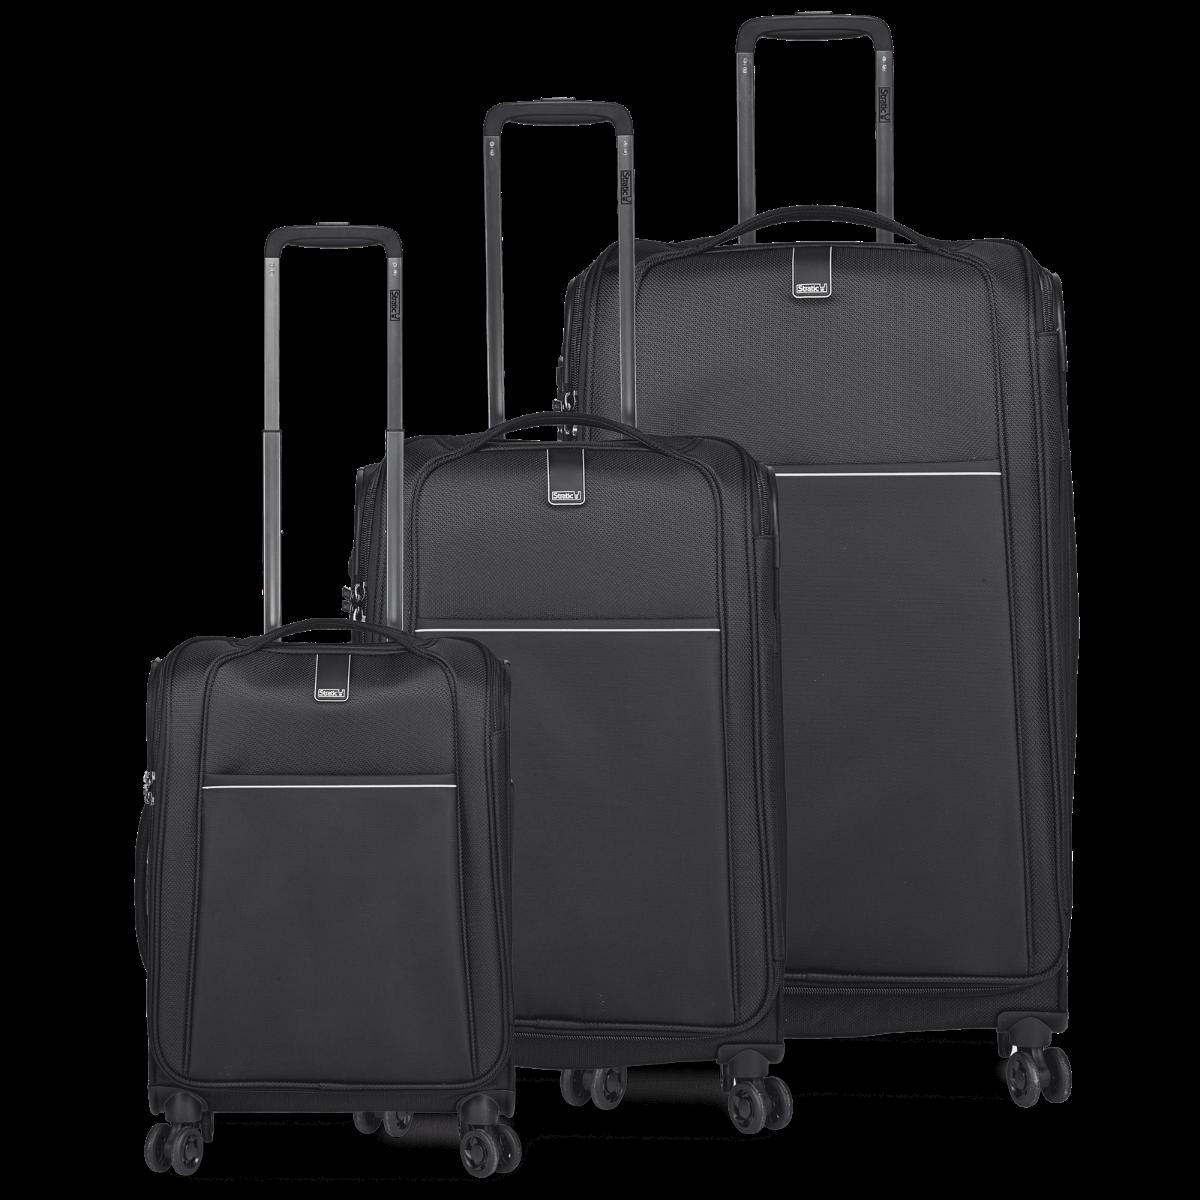 3-tlg. Weichschalen-Koffer-Set mit 4 Rollen, Unbeatable 4.0 - Black